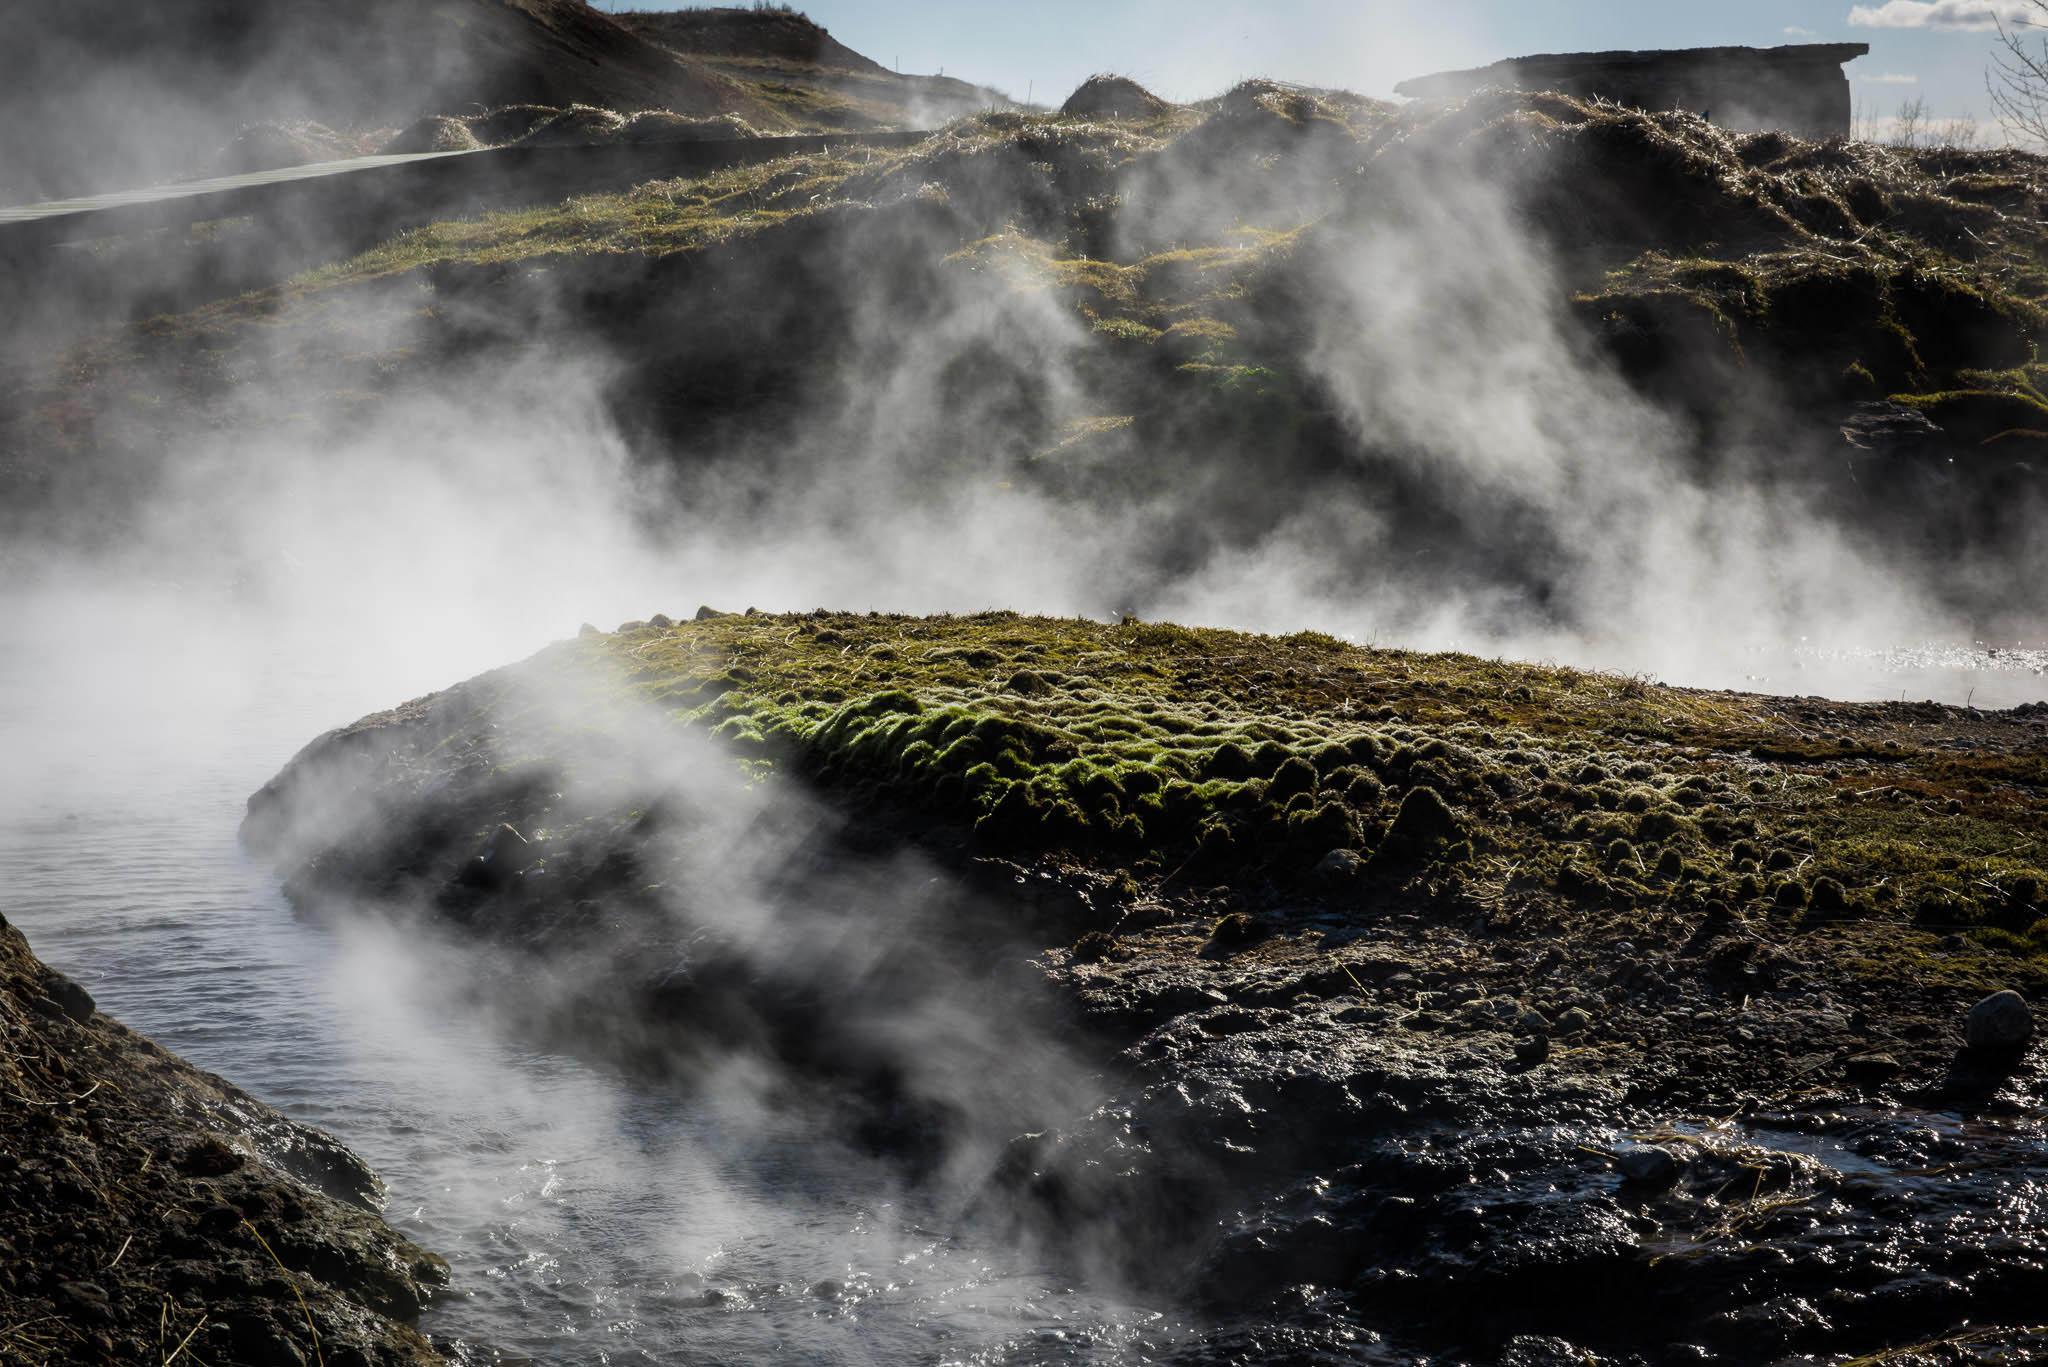 fotograf_jakob_kjoller_20150511-17-48-25-Island-Rejse_Web